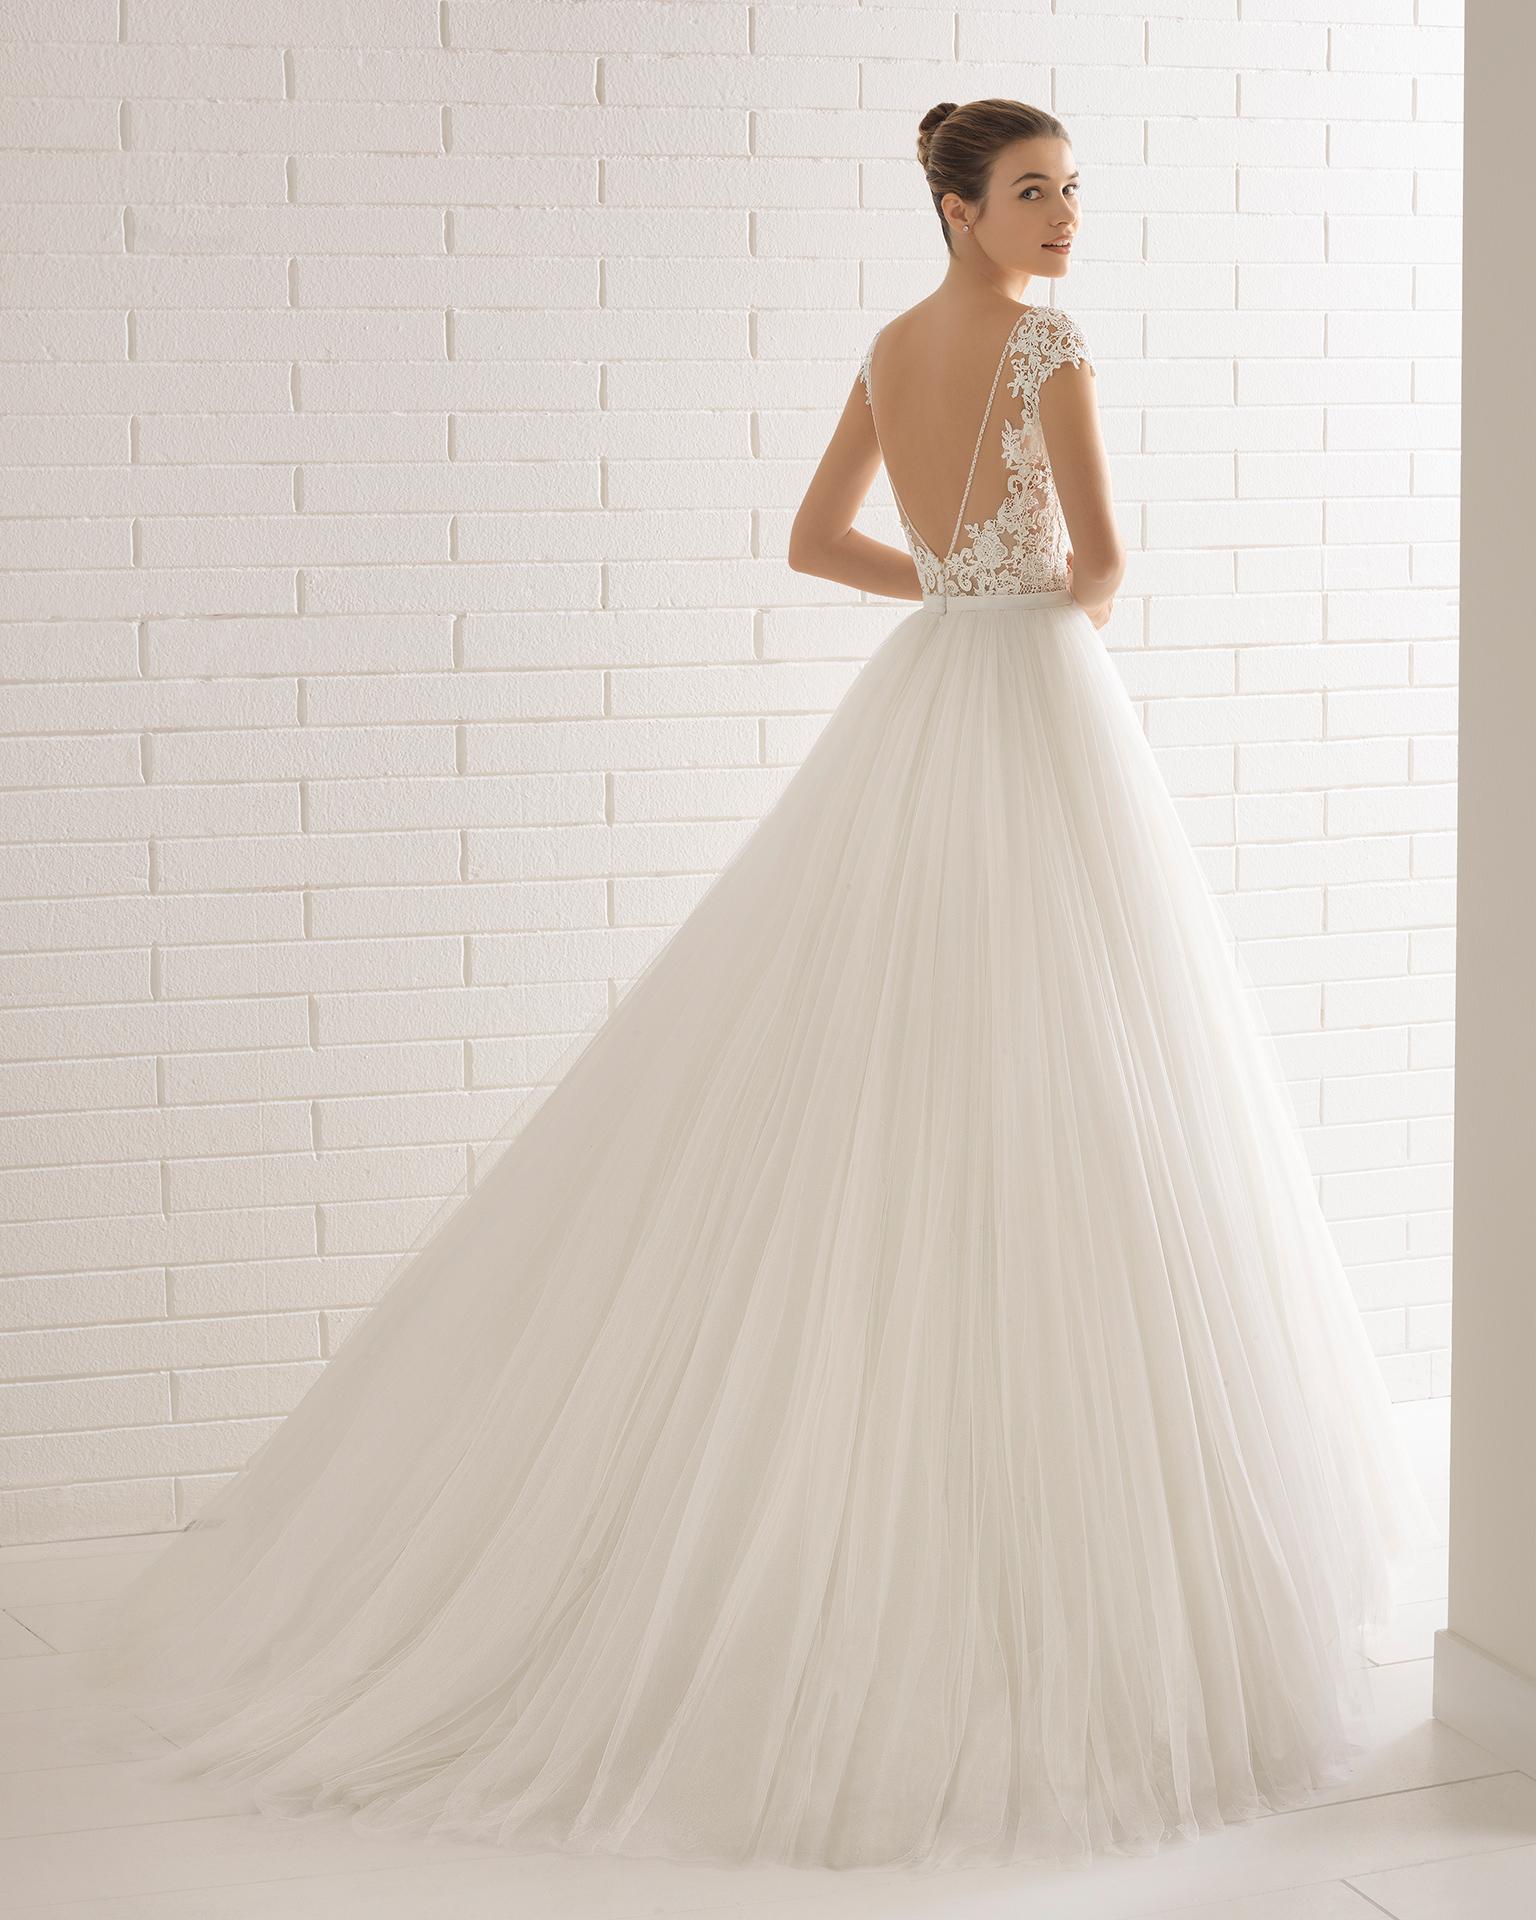 Robe de mariée style trapèze en tulle, dentelle transparente et pierreries, col illusion et décolleté dans le dos.